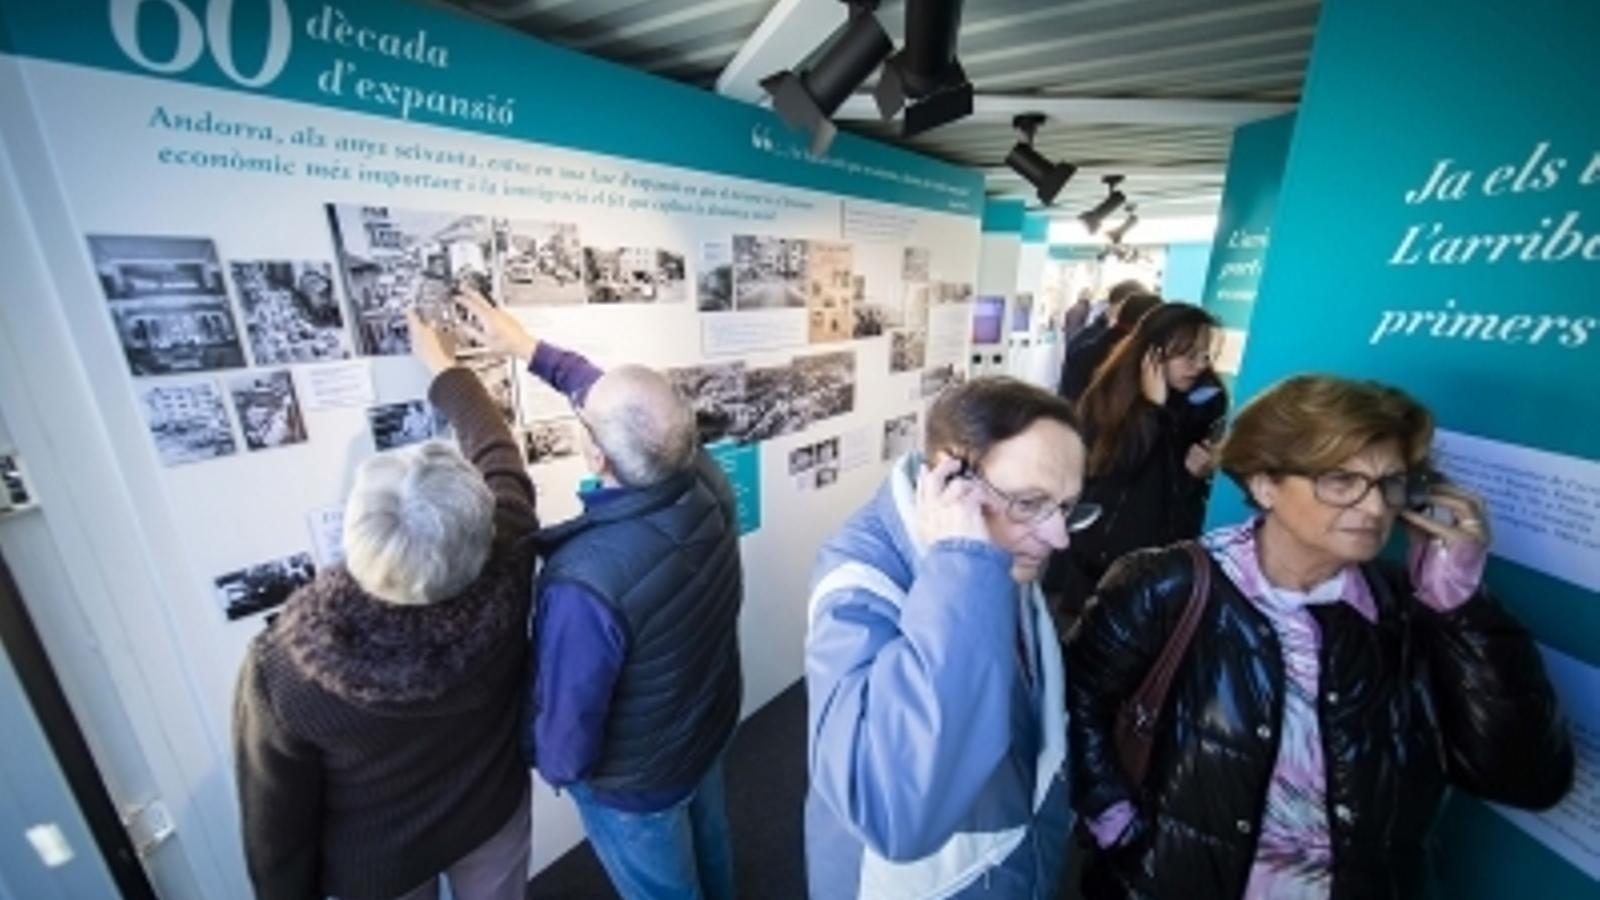 Una imatge de la mostra, que es va inaugurar coincidint amb la Fira d'Andorra la Vella. / COMÚ D'ANDORRA LA VELLA